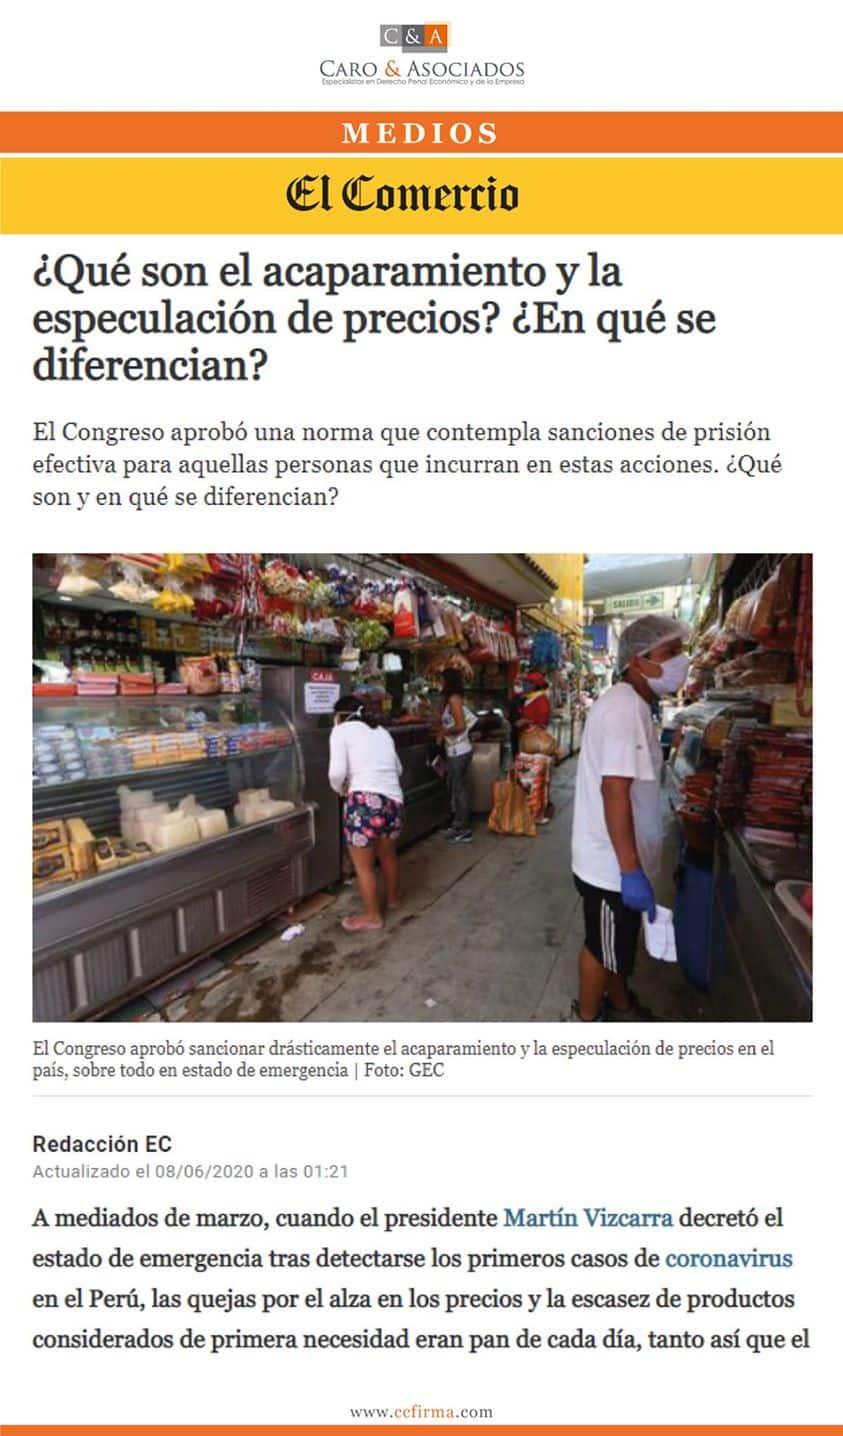 """Dino Carlos Caro Coria 08.06.20: """"¿Qué Son Los Acaparamientos Y La Especulación De Precios? ¿En Qué Se Diferencian?"""""""